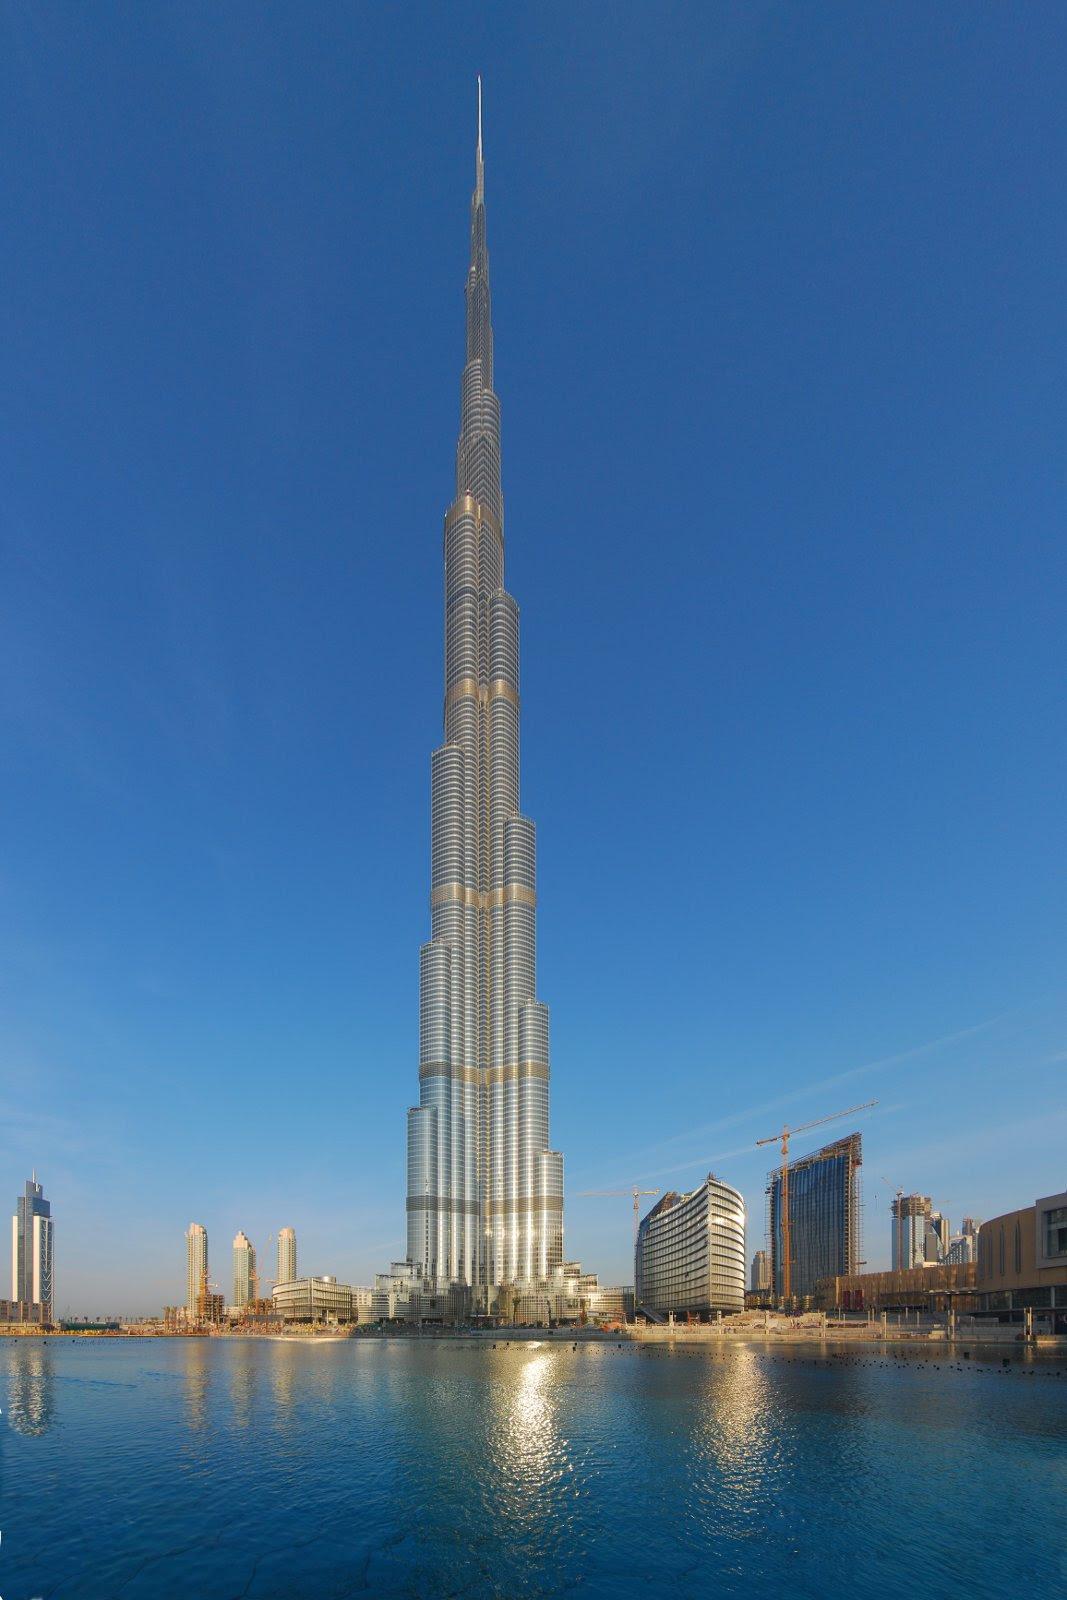 File:Burj Khalifa building.jpg